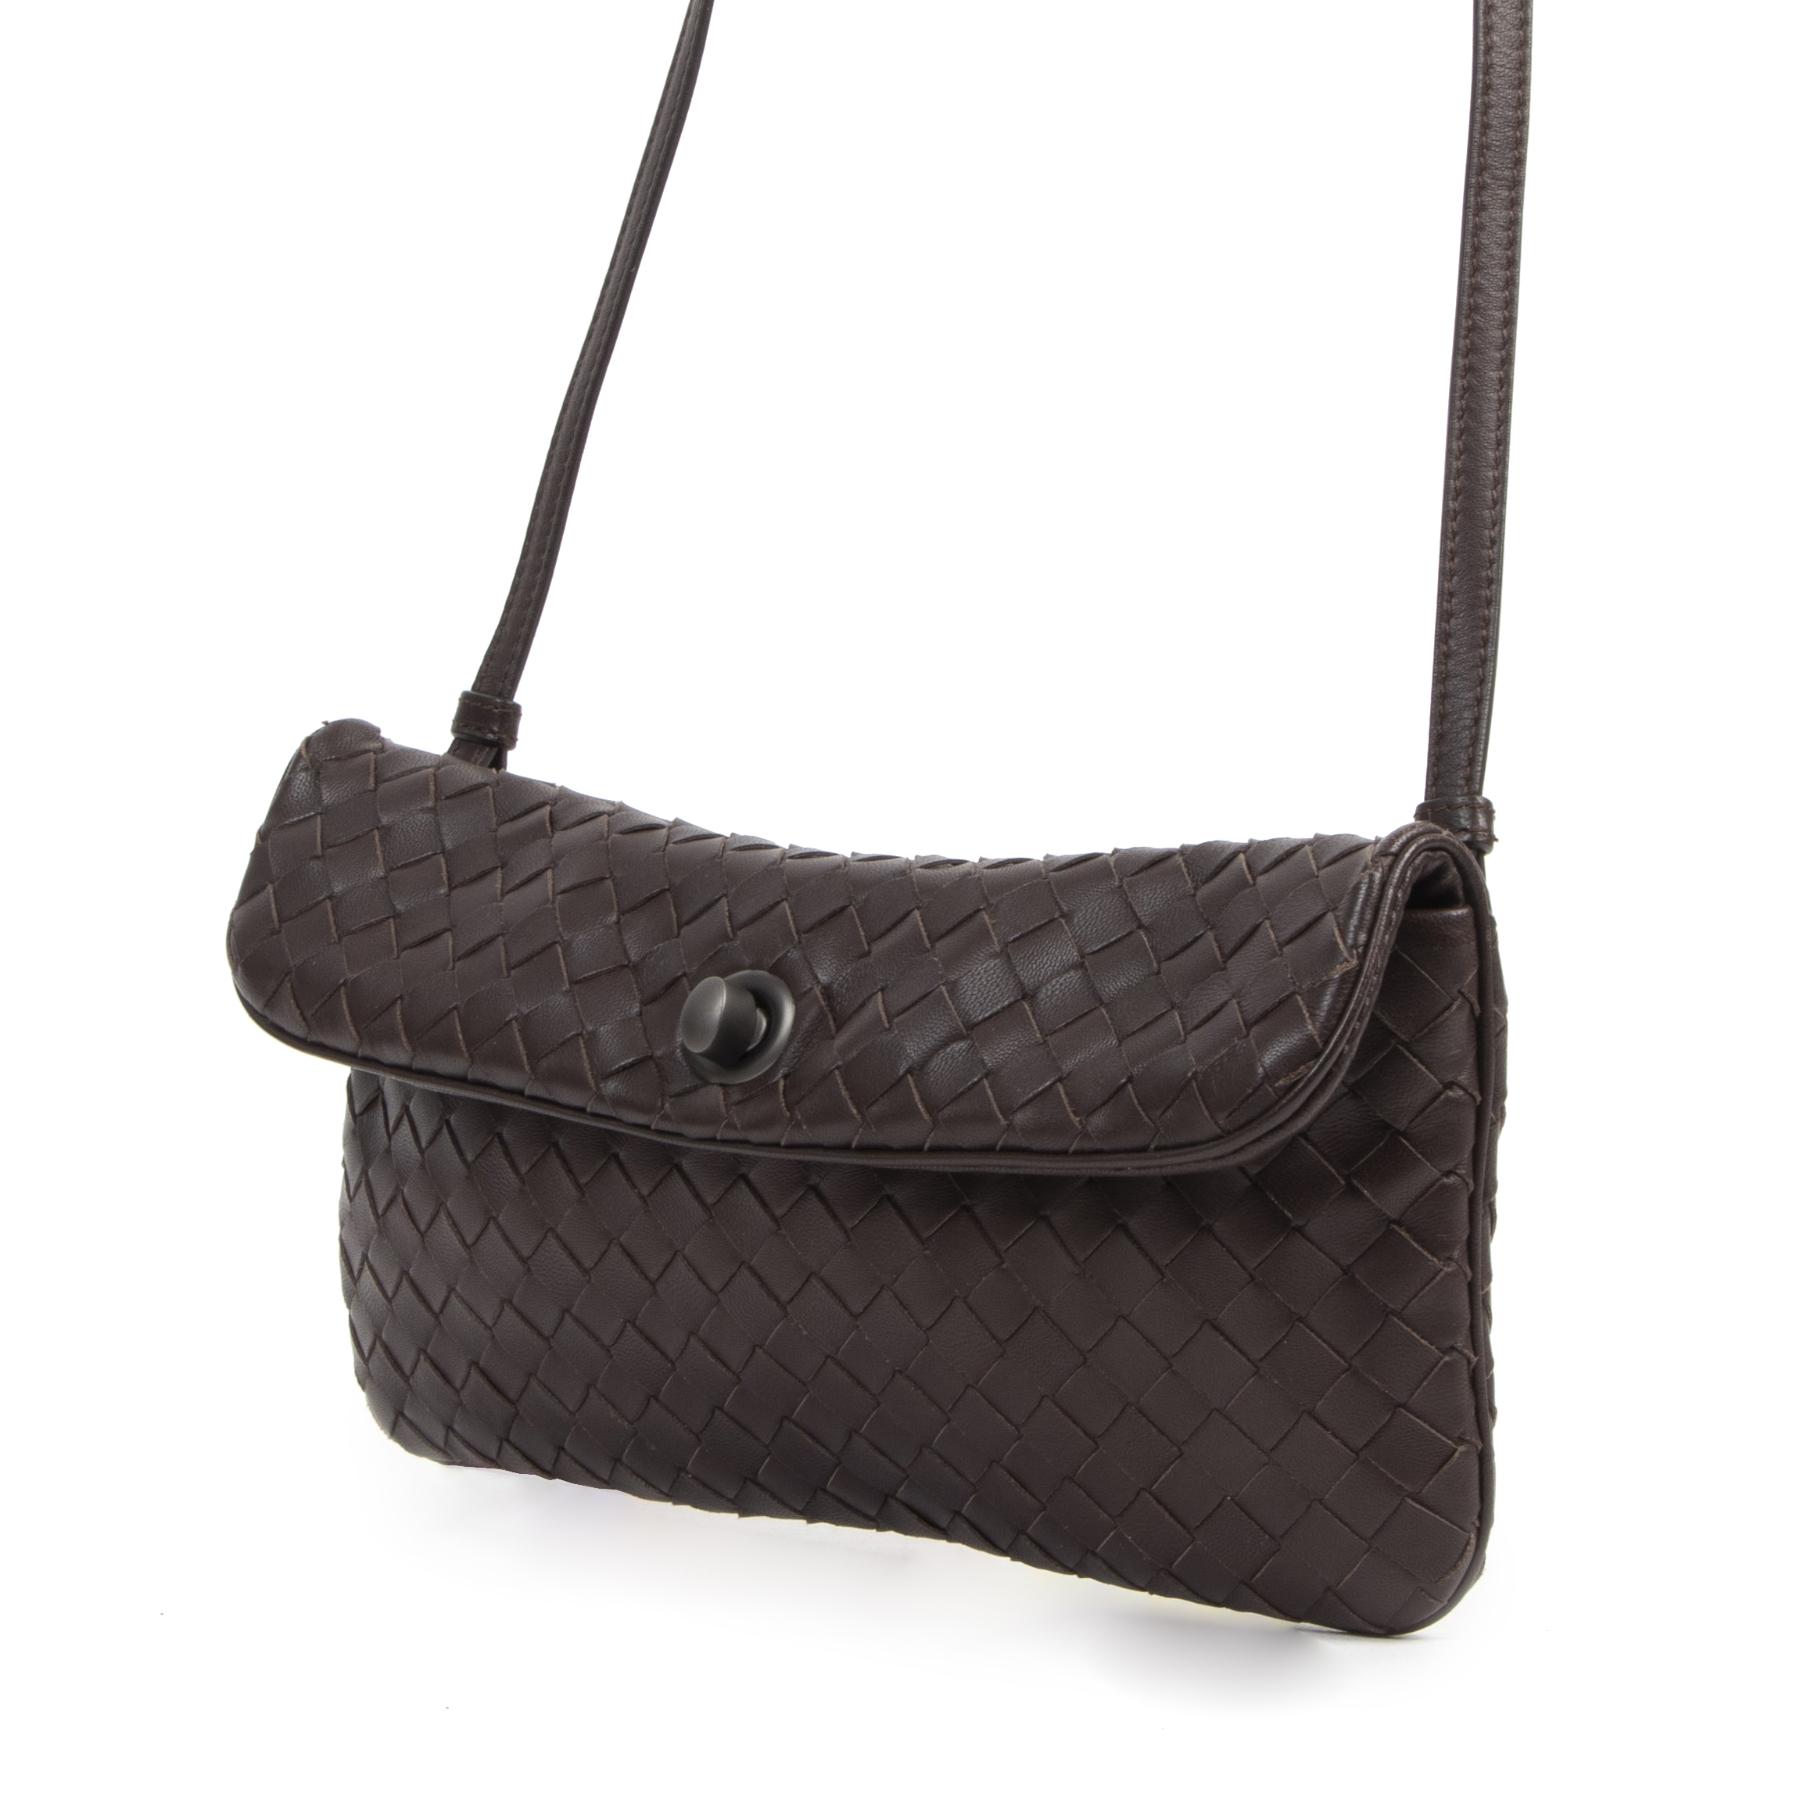 Authentieke Tweedehands Bottega Veneta Brown Woven Leather Crossbody Bag juiste prijs veilig online shoppen luxe merken webshop winkelen Antwerpen België mode fashion